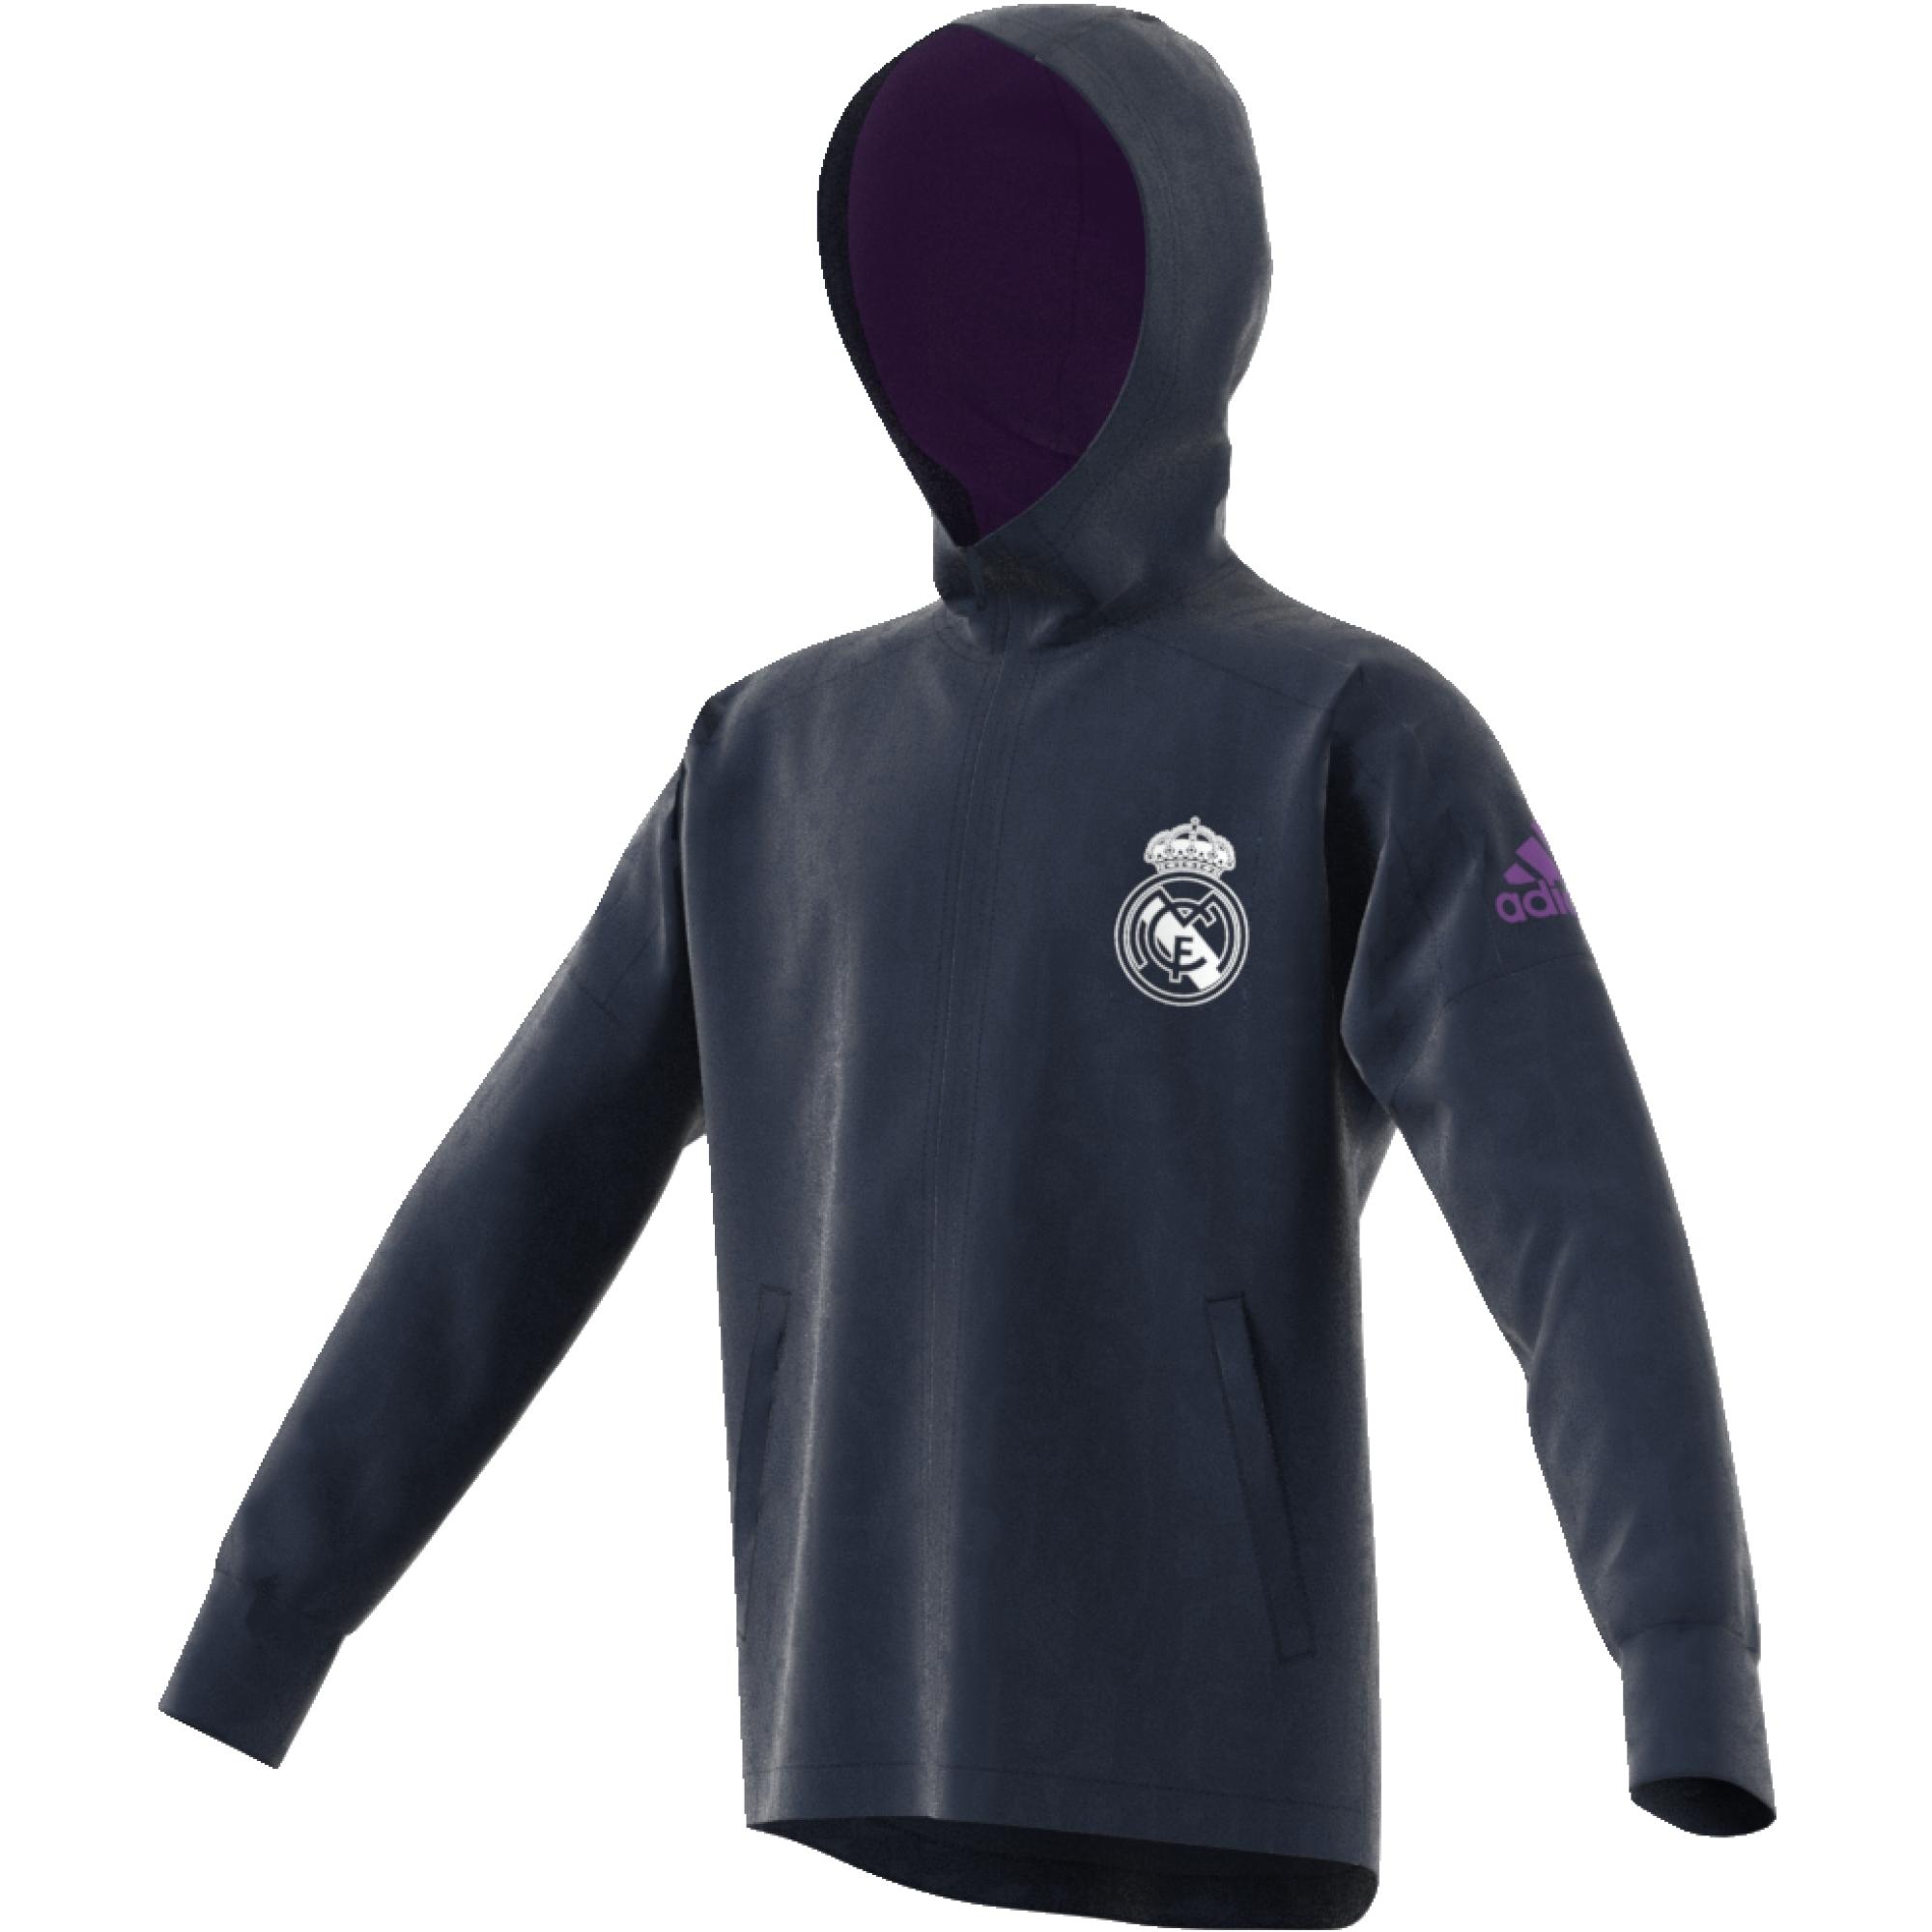 8c6ef4b5947f7 Juniorske oblečenie | Adidas chlapčenská mikina - BJ8450 | ŠPORT-NIKA